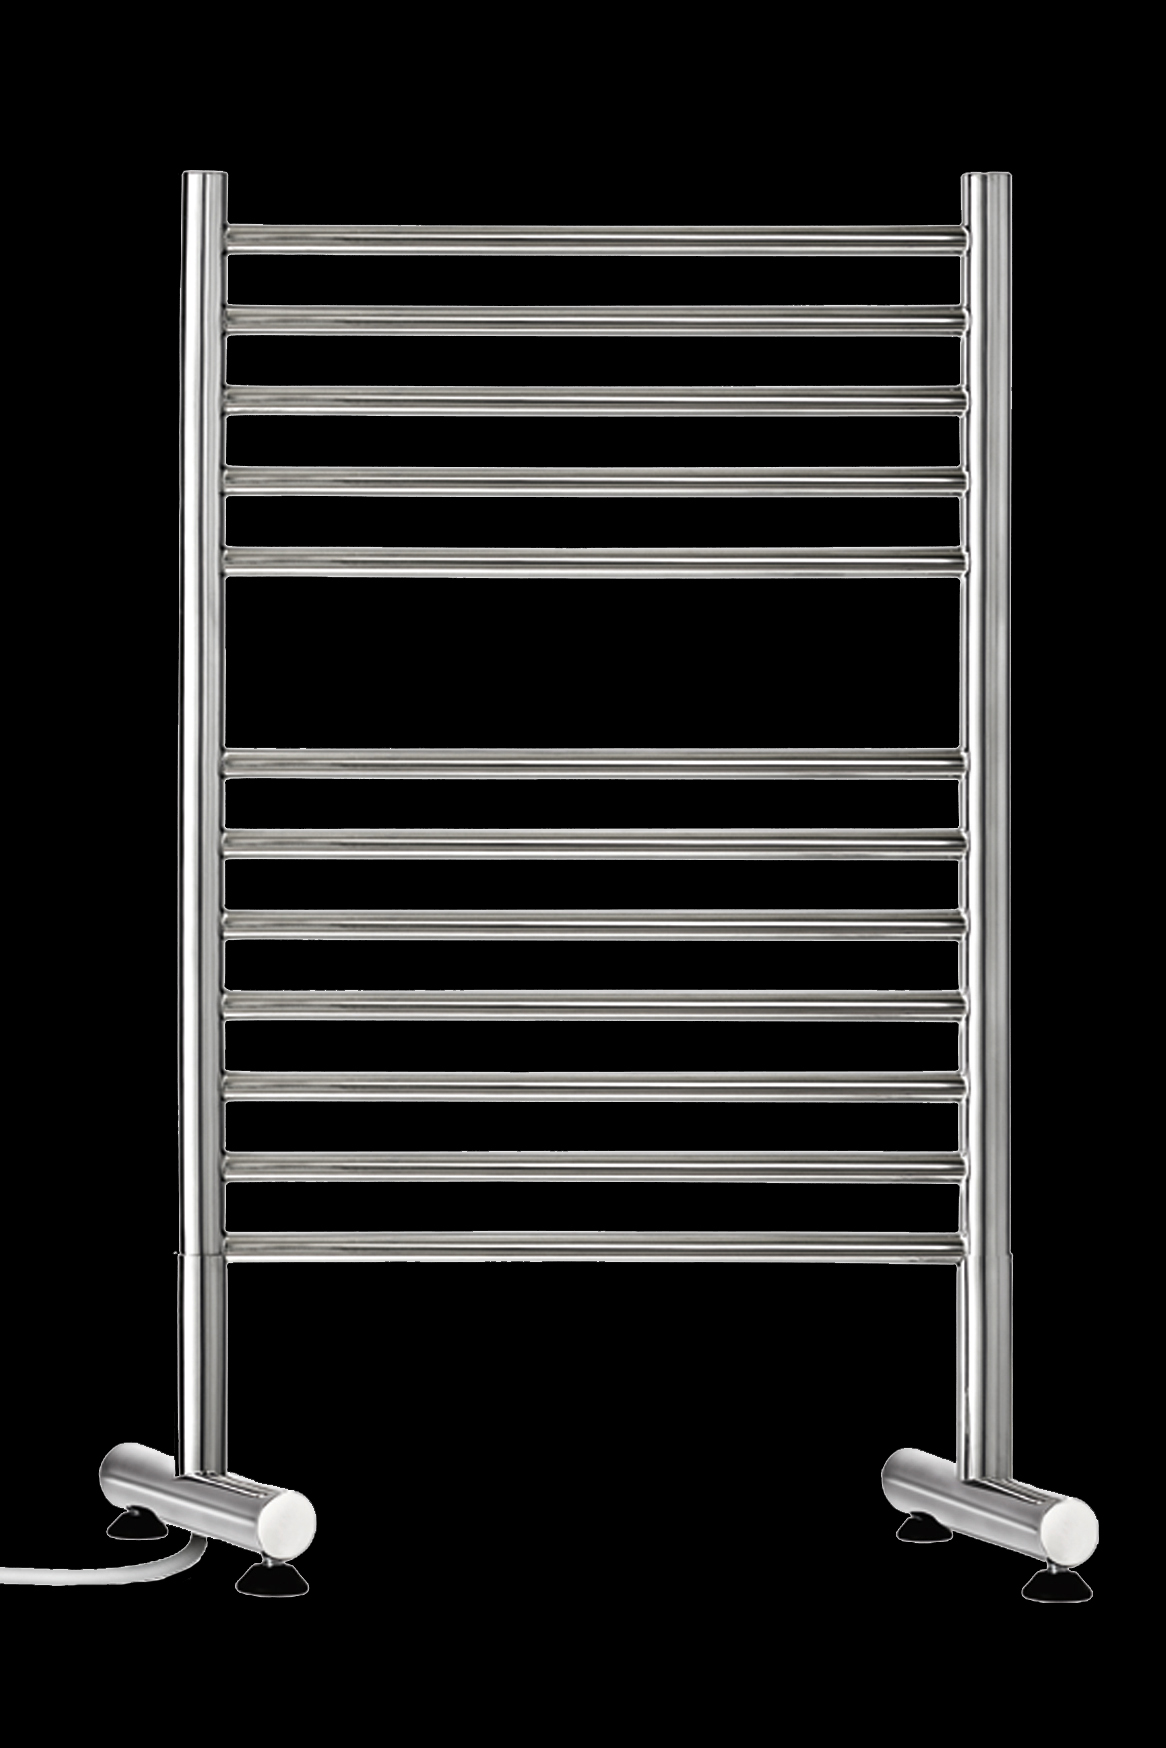 Heated Towel Rails Towel Dryers Heated Towel Bars Jeeves